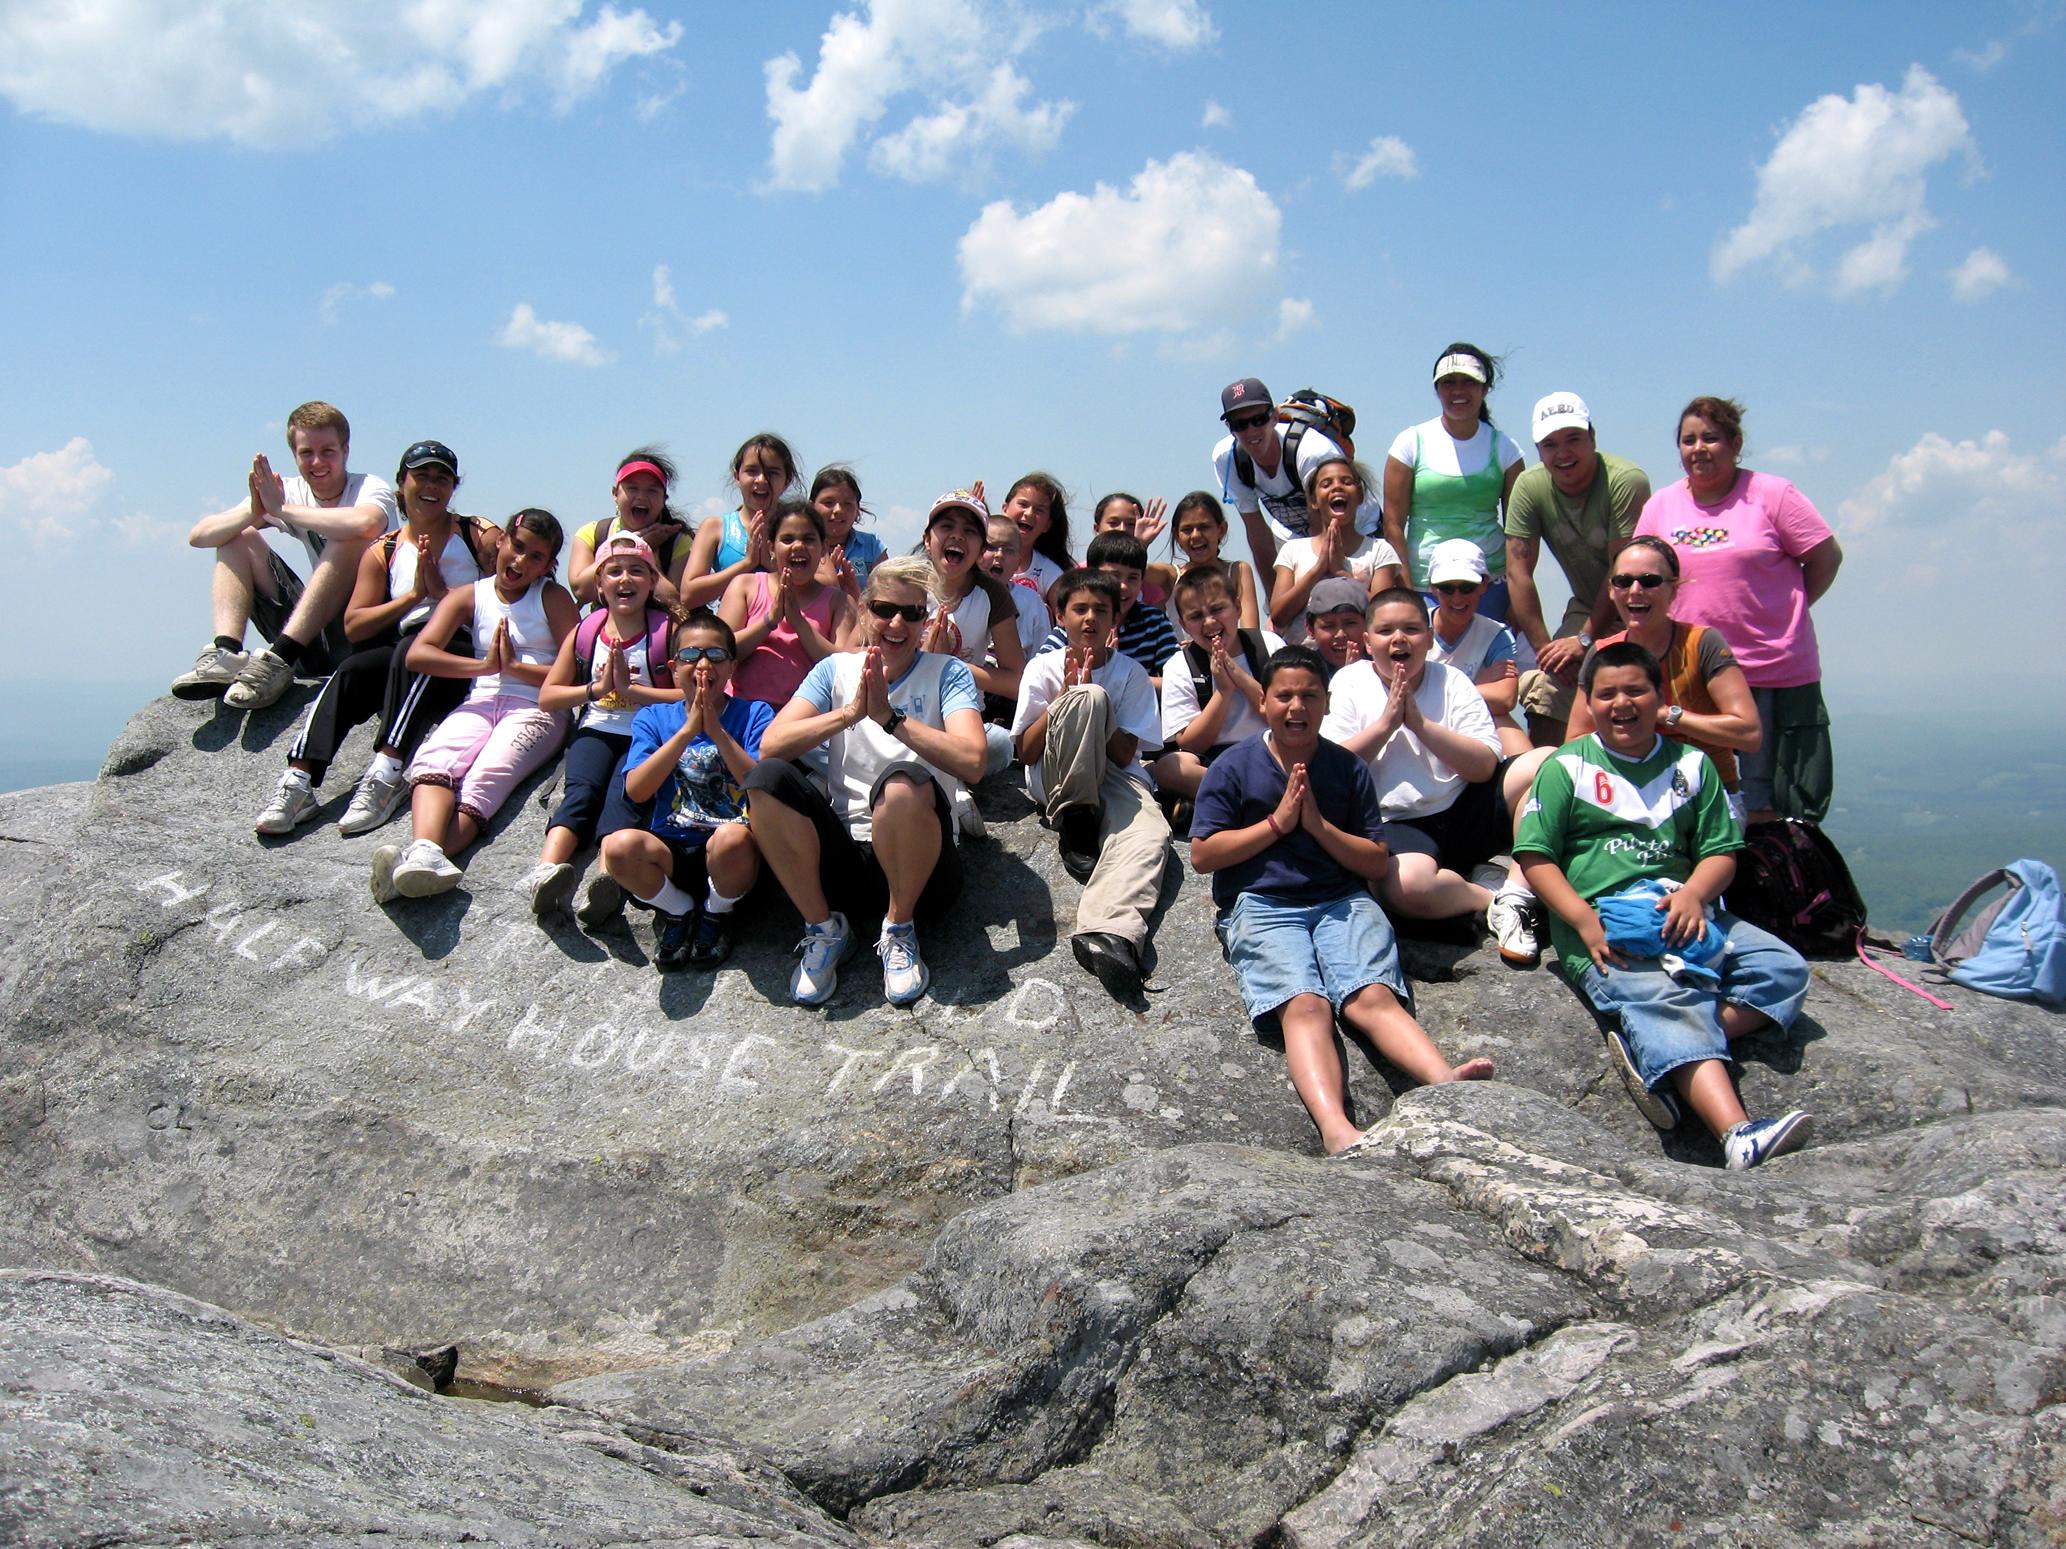 Kids on Mtn 2008.JPG